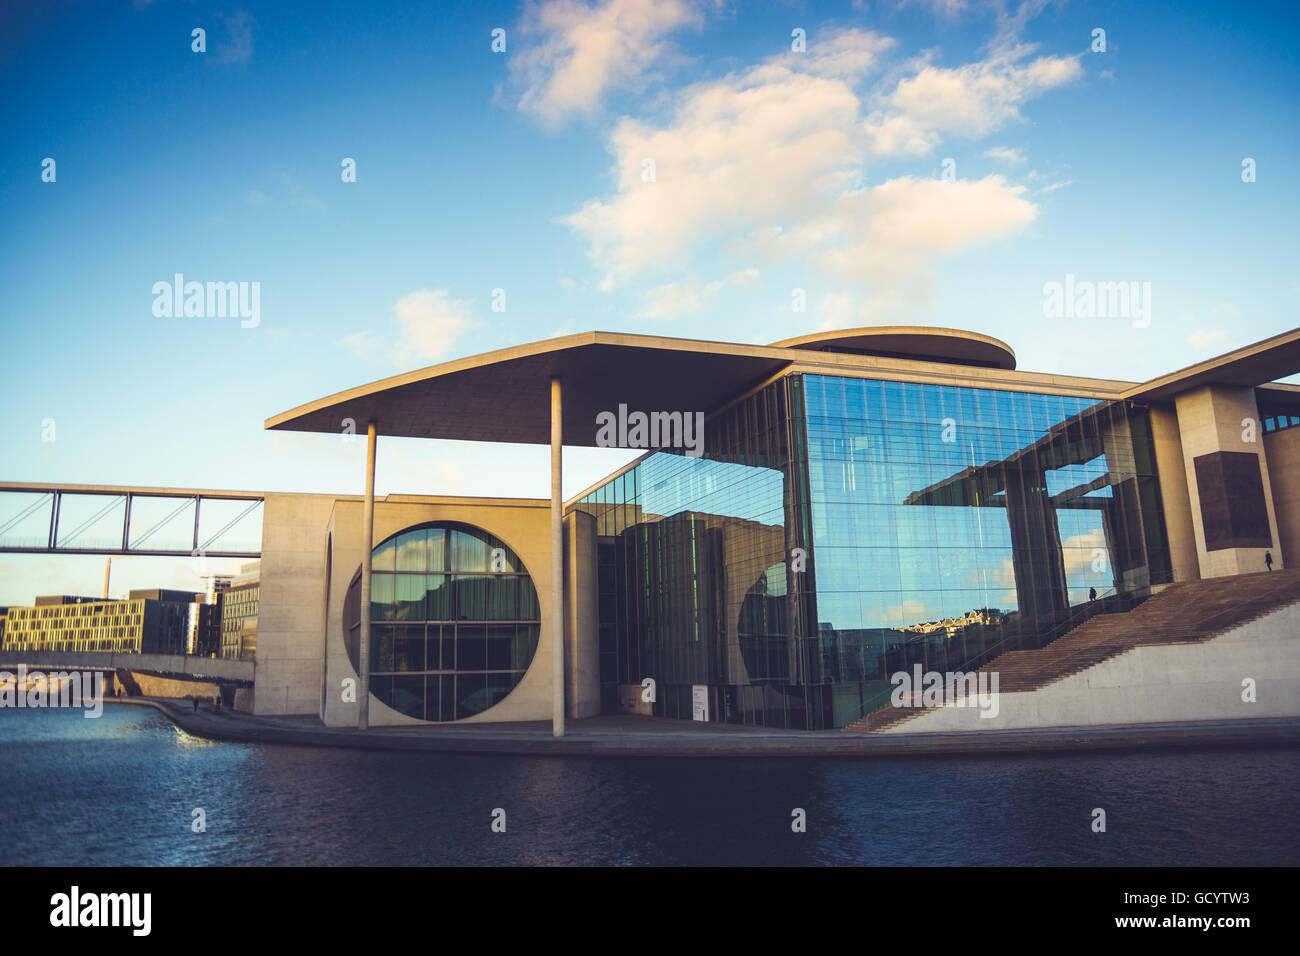 Die schöne, moderne Architektur des Bundes Kanzleramt in Berlin, Deutschland Stockbild